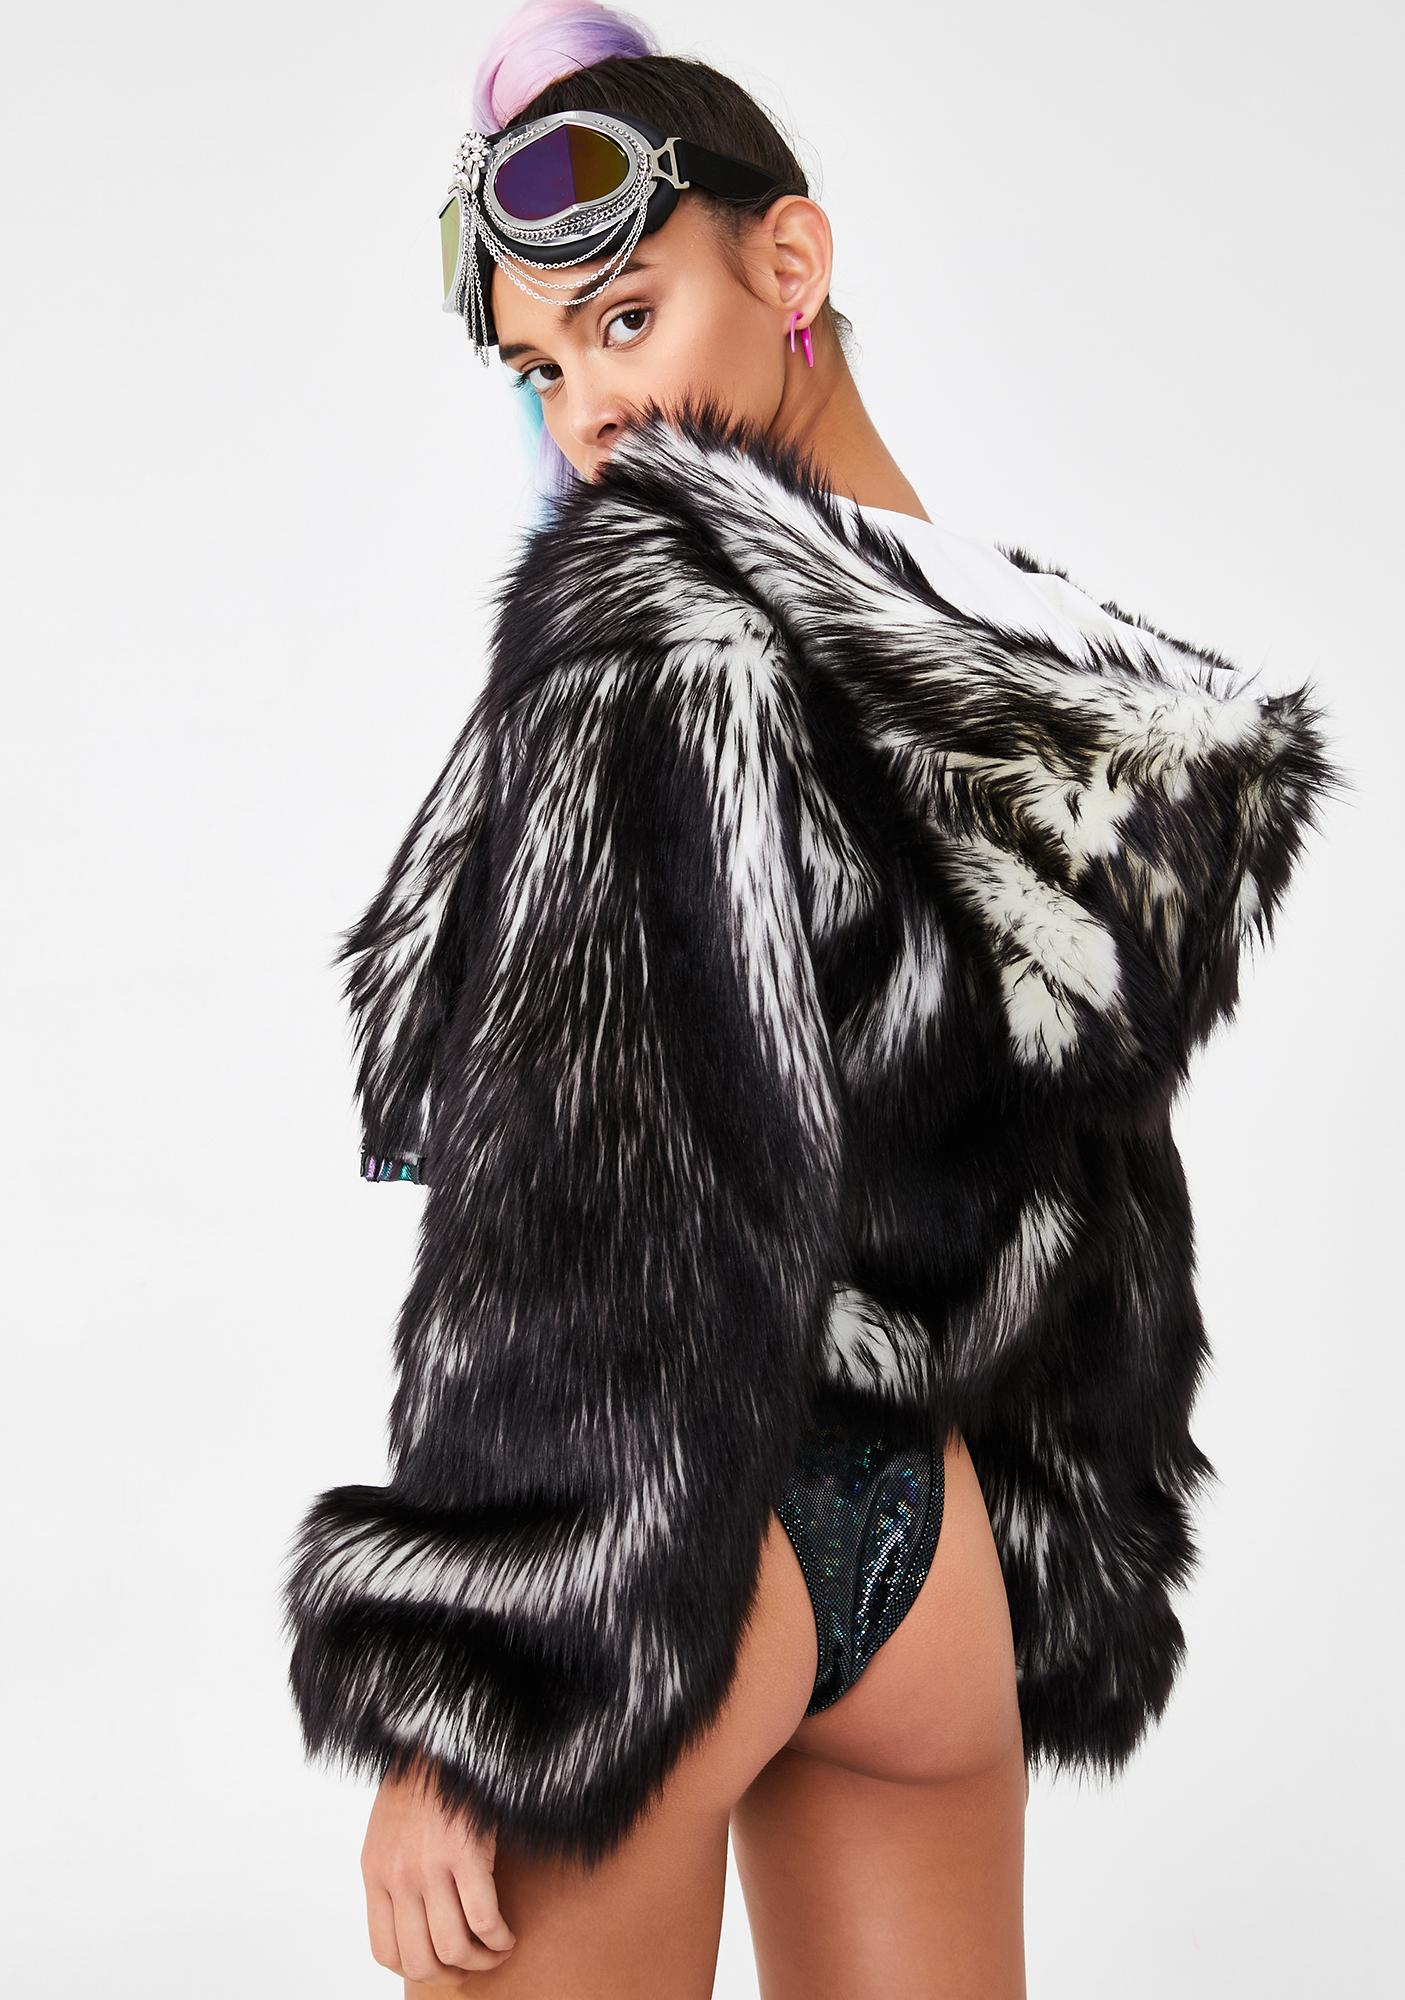 J Valentine Volcanic Light-Up Faux Fur Jacket